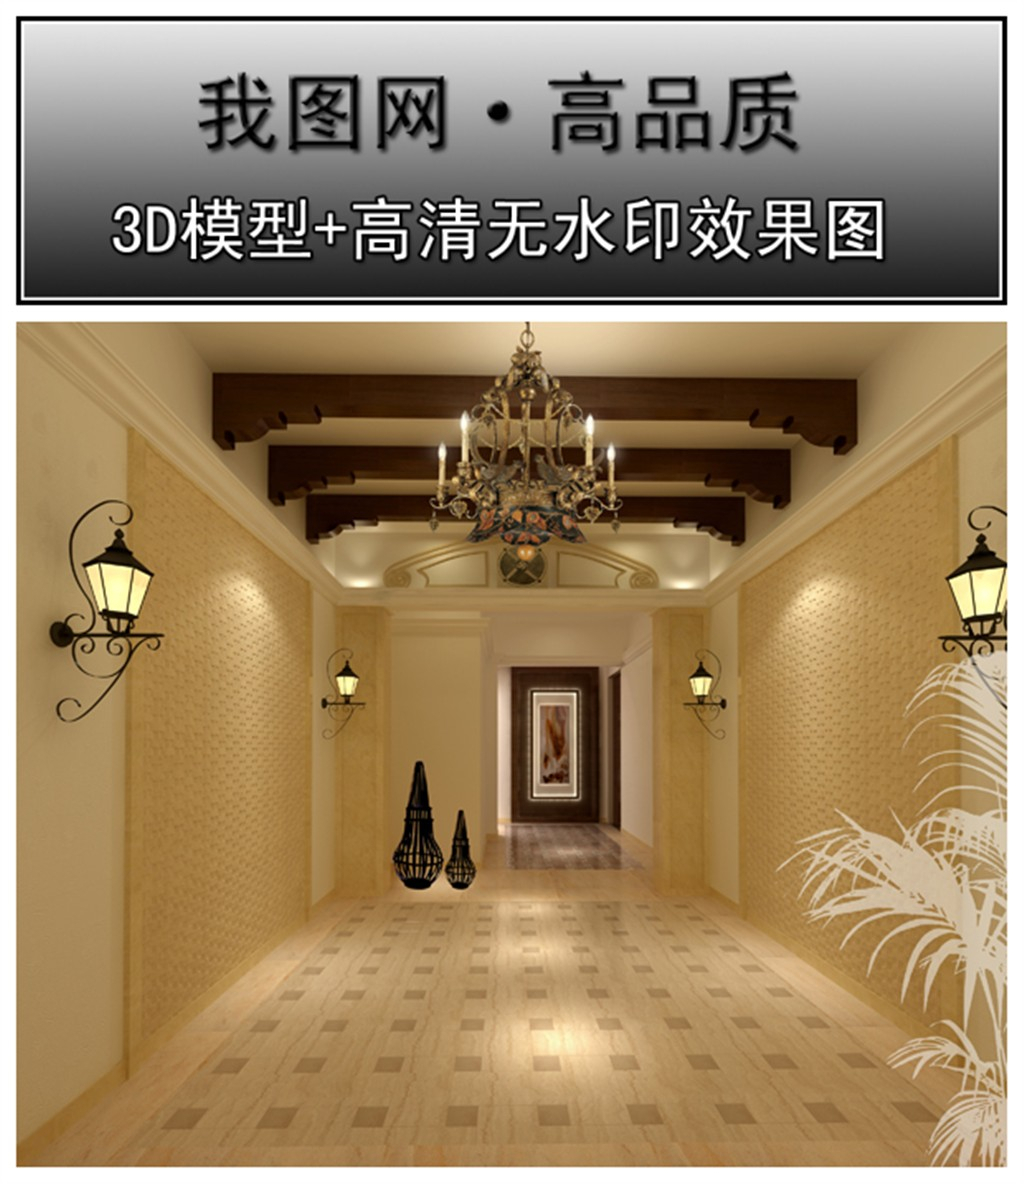 室内设计 整套3d模型 家装3d模型 > 走道走廊3d模型  下一张&g